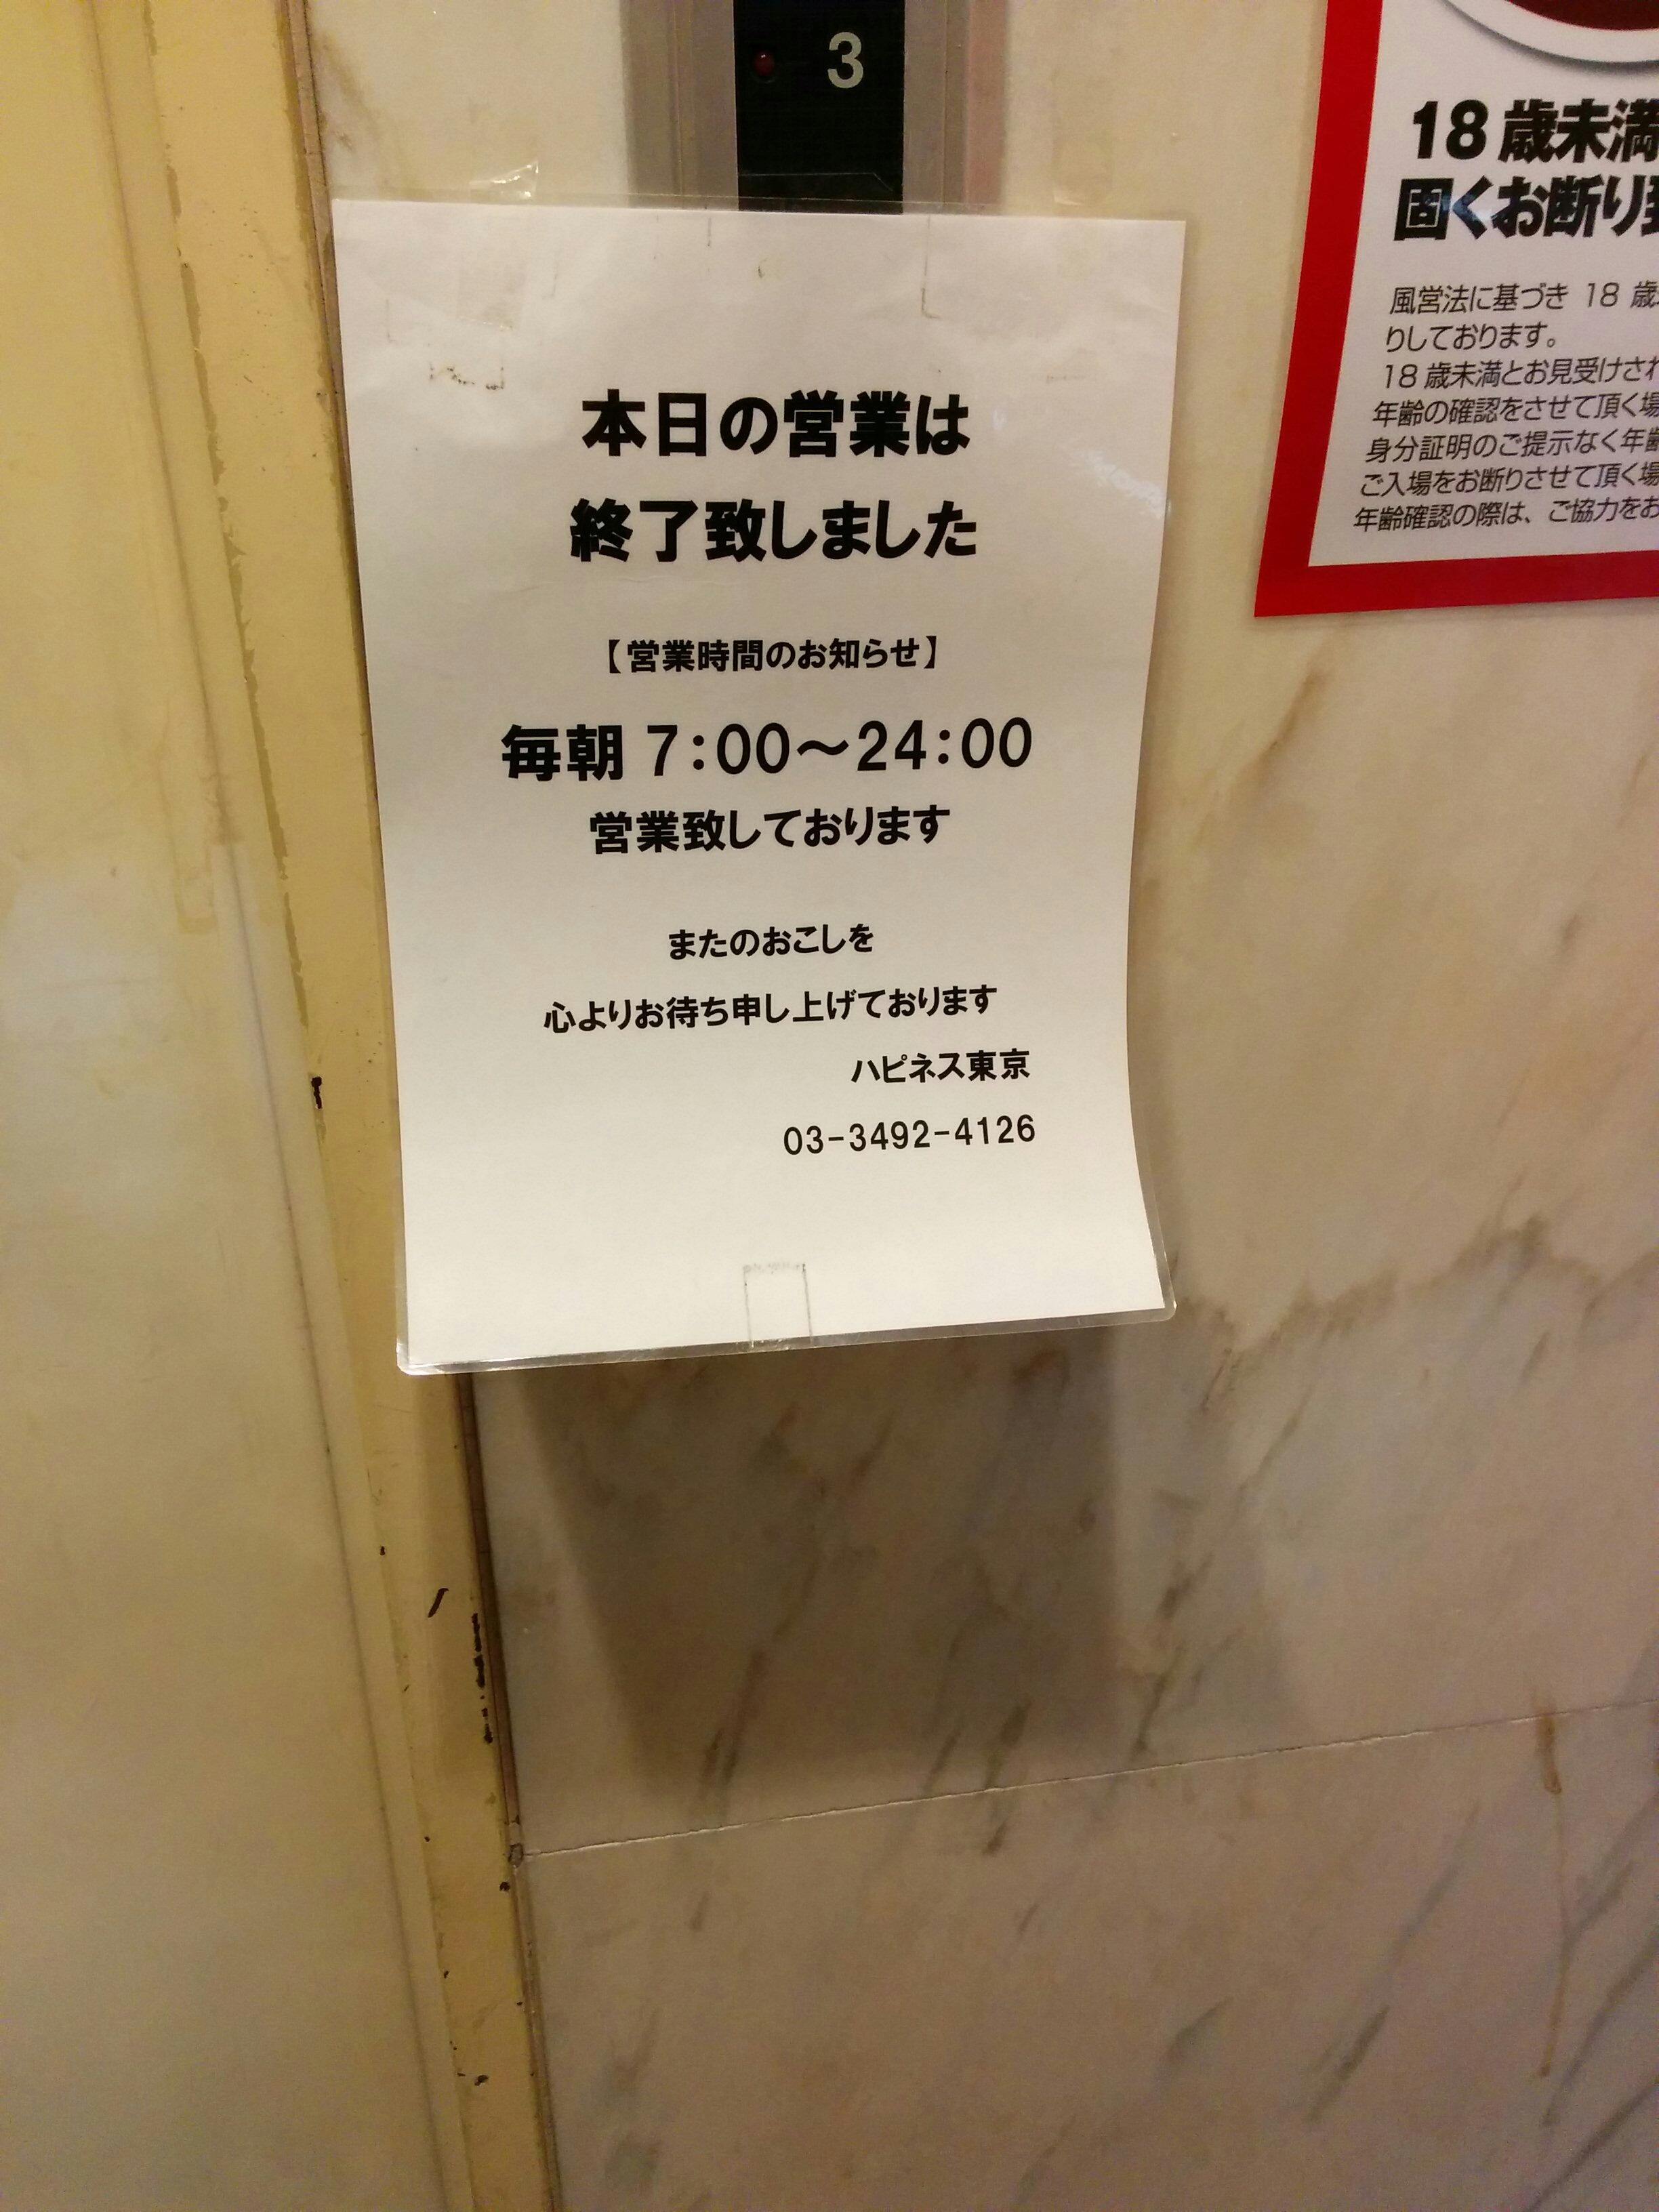 ハピネス東京 体験談